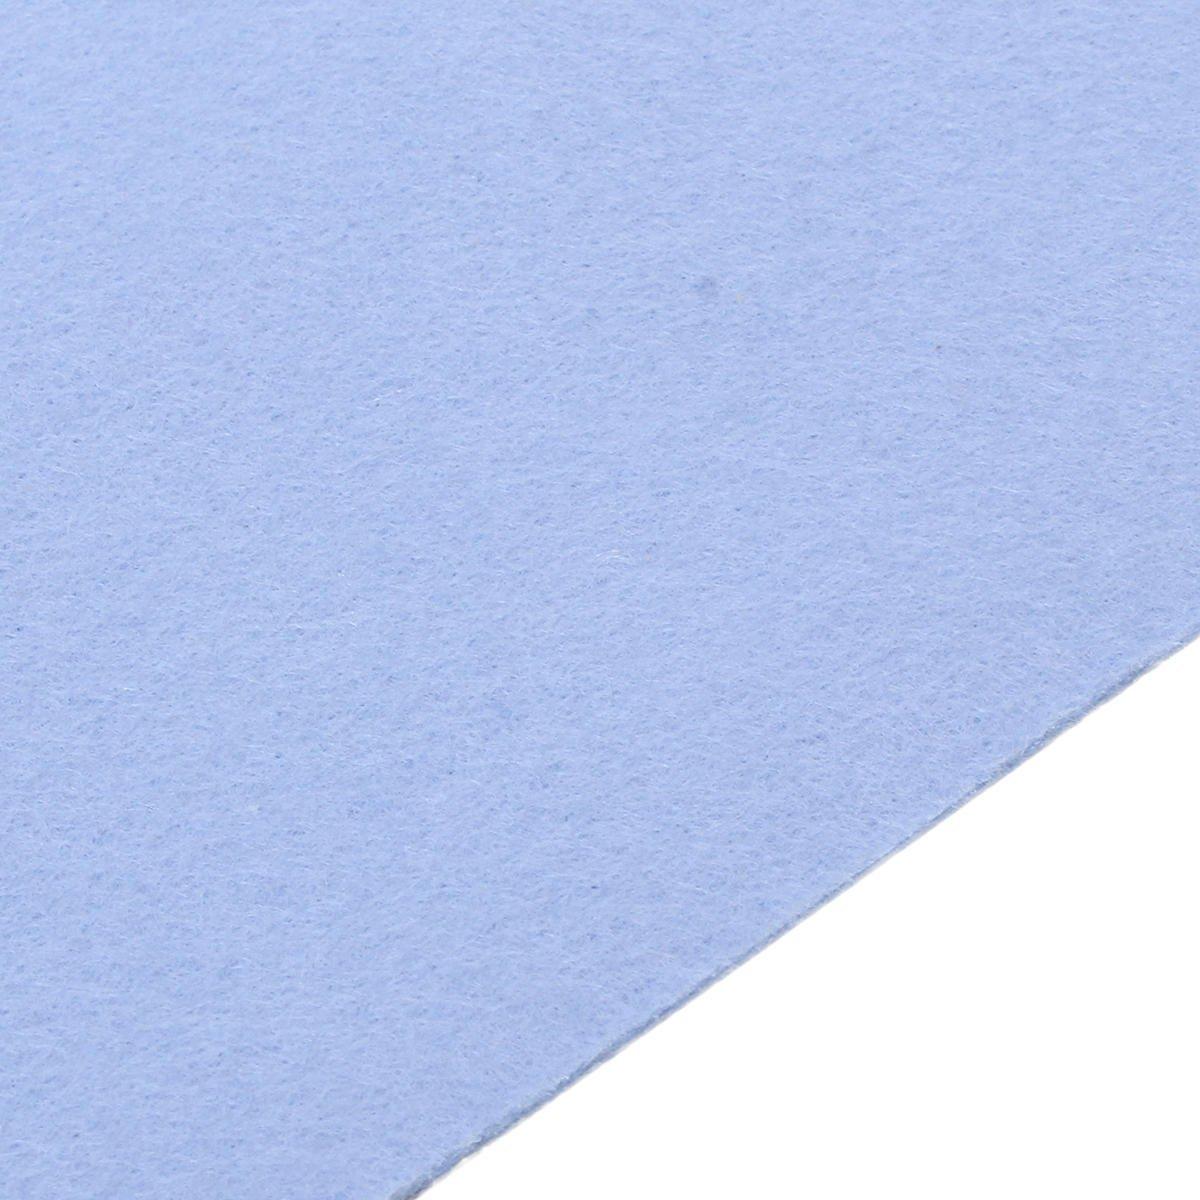 Mitt - 22pcs Functional Wash Dry Wiper Luffa Fiber Hand - Helping Hired Handwriting Pass Bridge Player Mauler